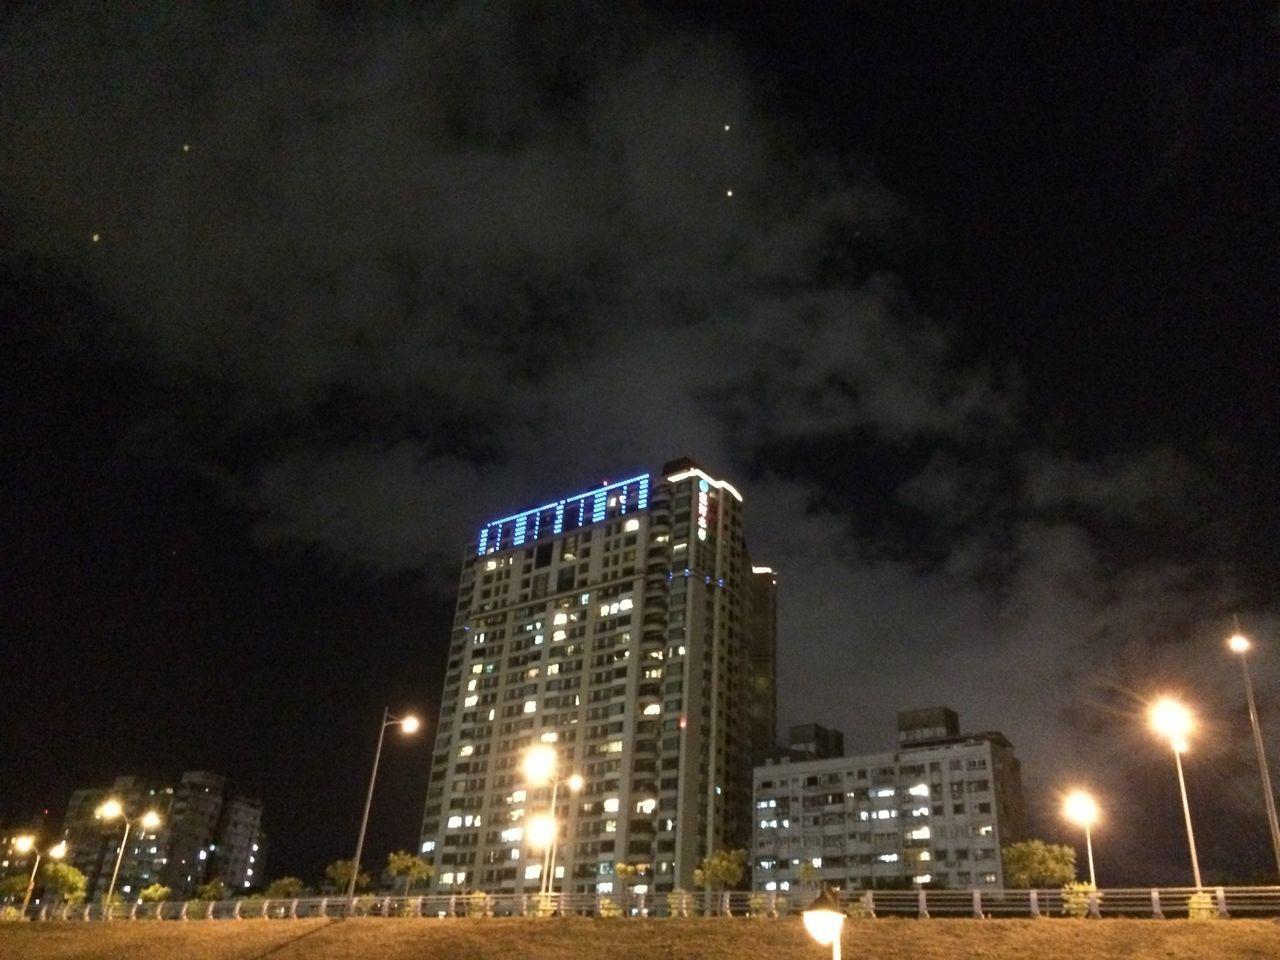 散步 Walking Night Lights Building Relaxing